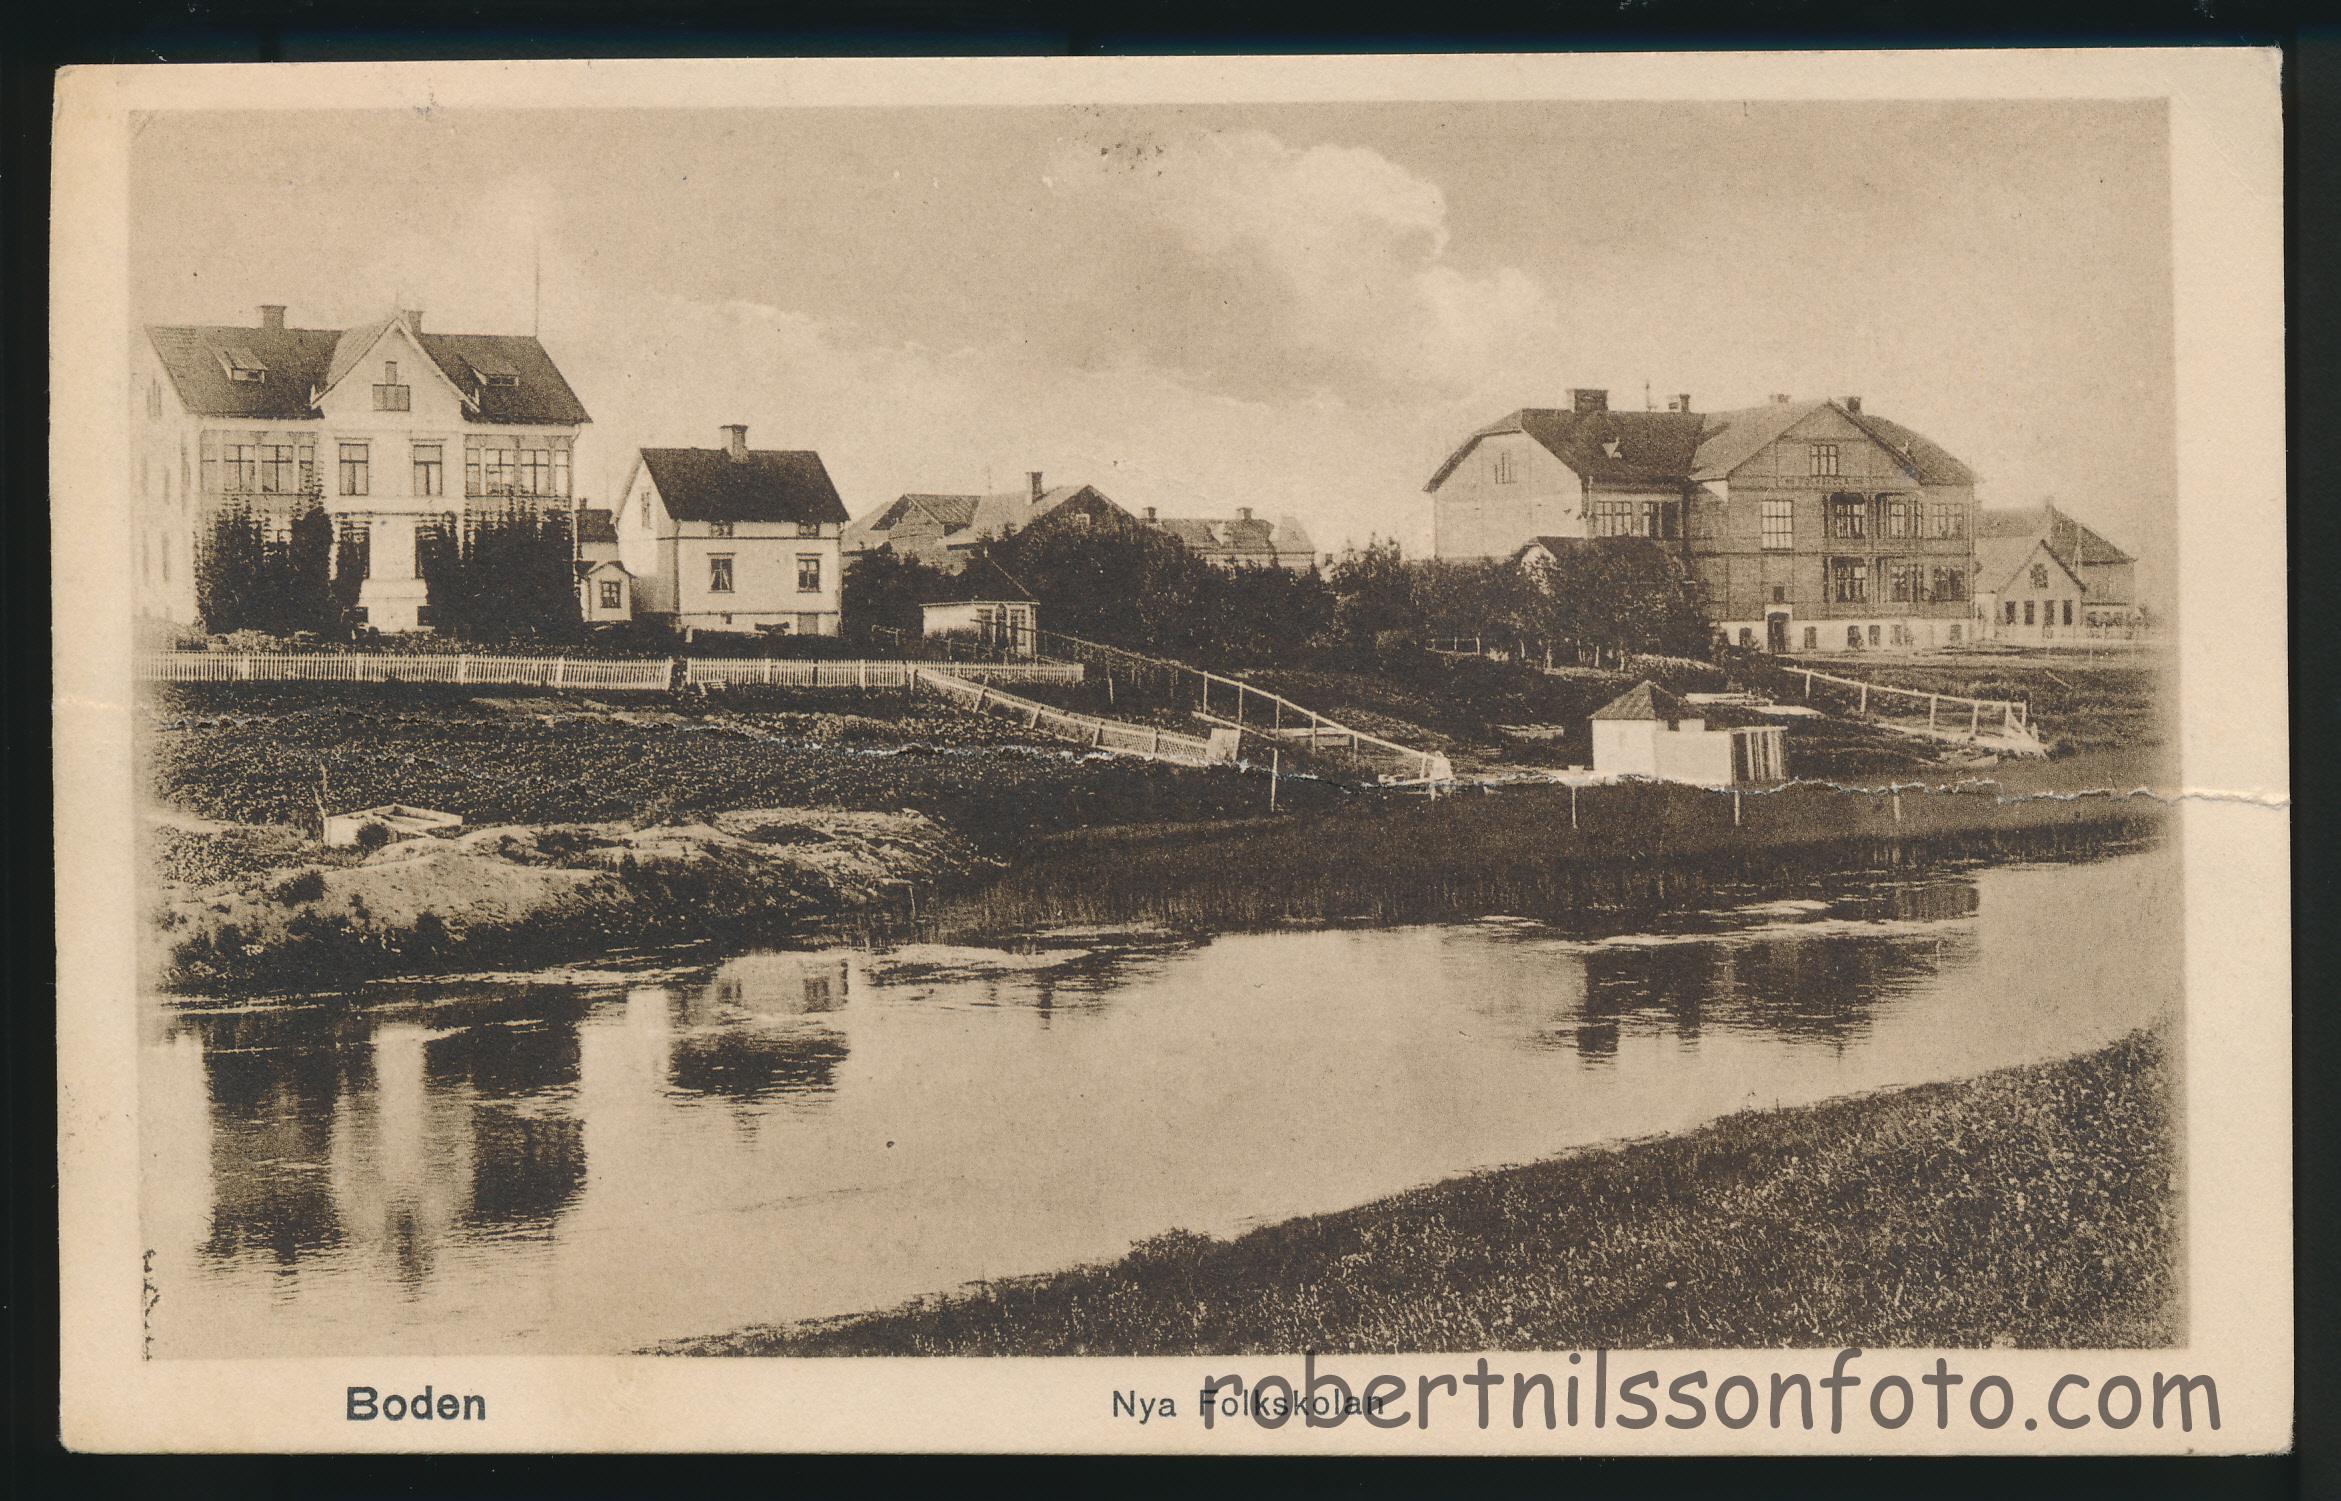 Boden nya folkskolan frankerat 1917 0001 robert nilsson foto for Boden bilder